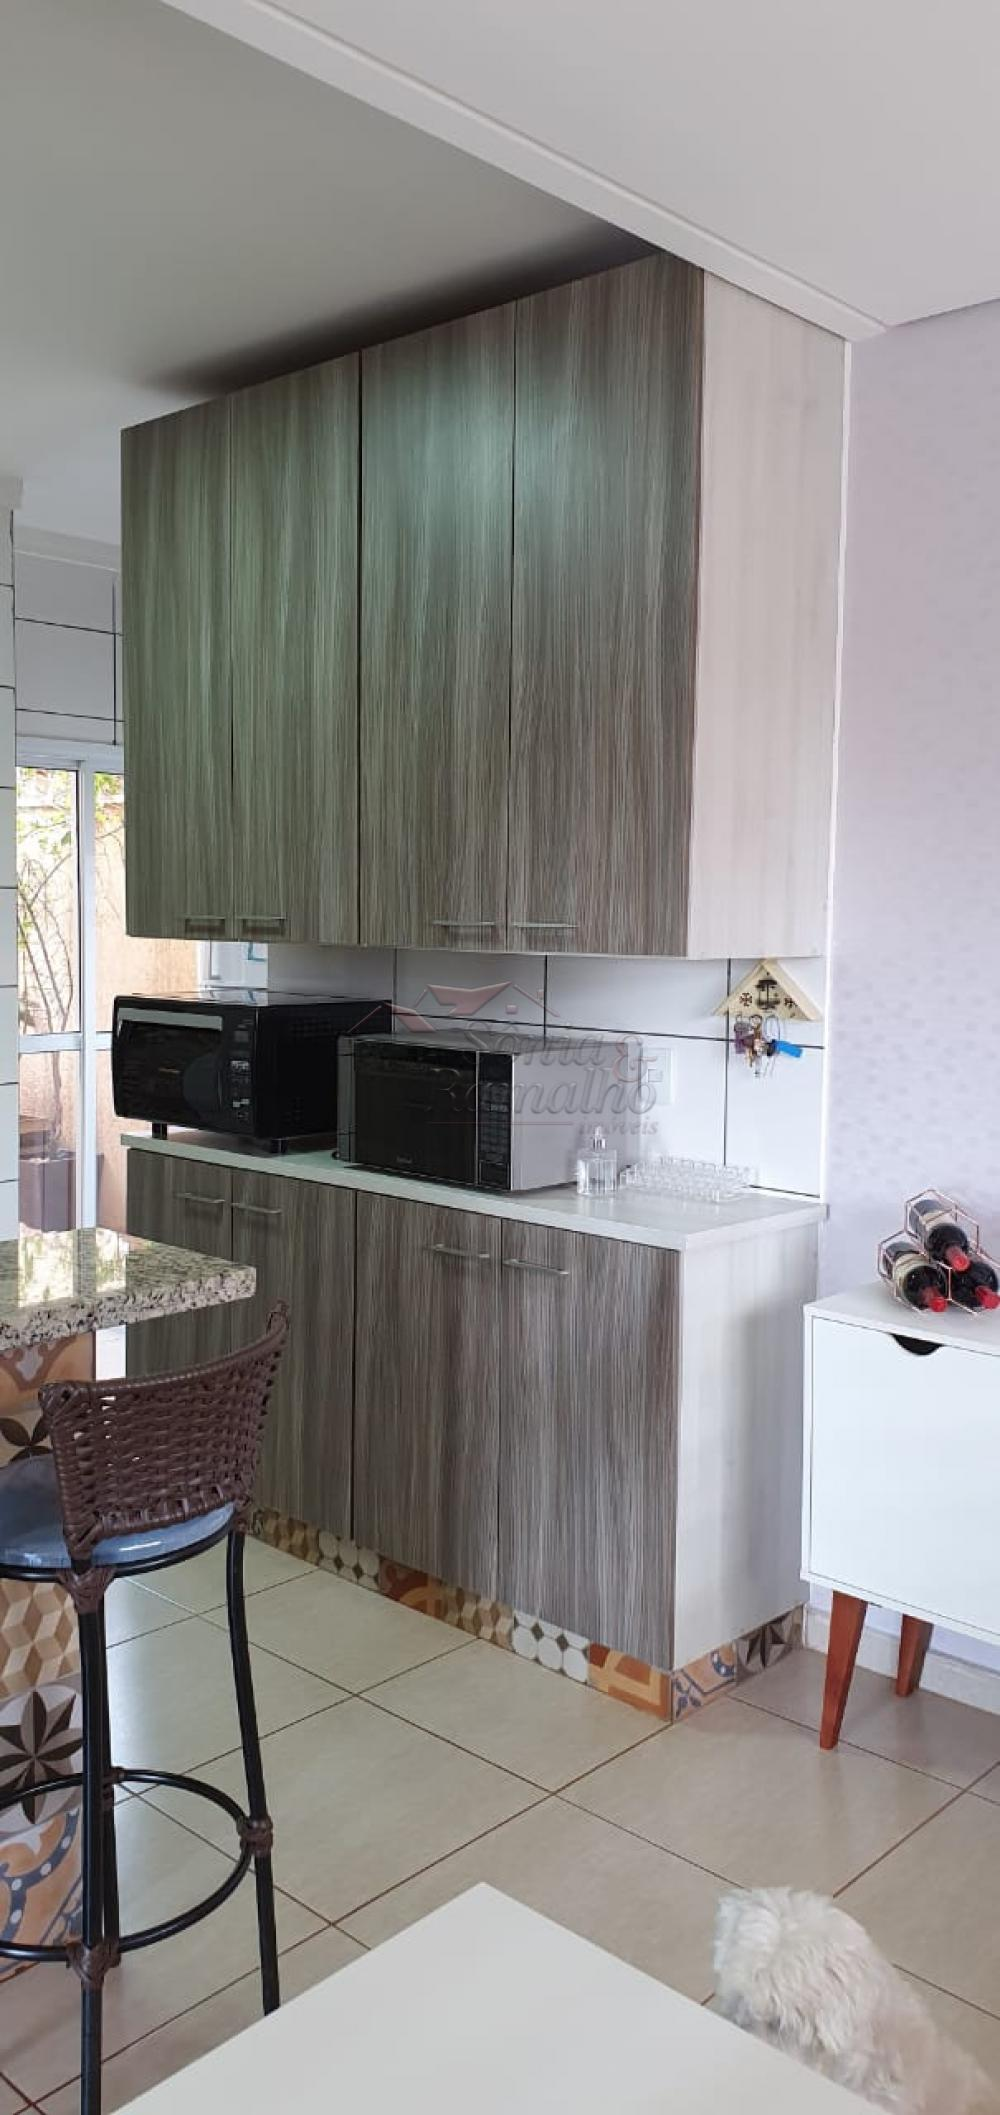 Alugar Apartamentos / Padrão em Ribeirão Preto apenas R$ 1.300,00 - Foto 6